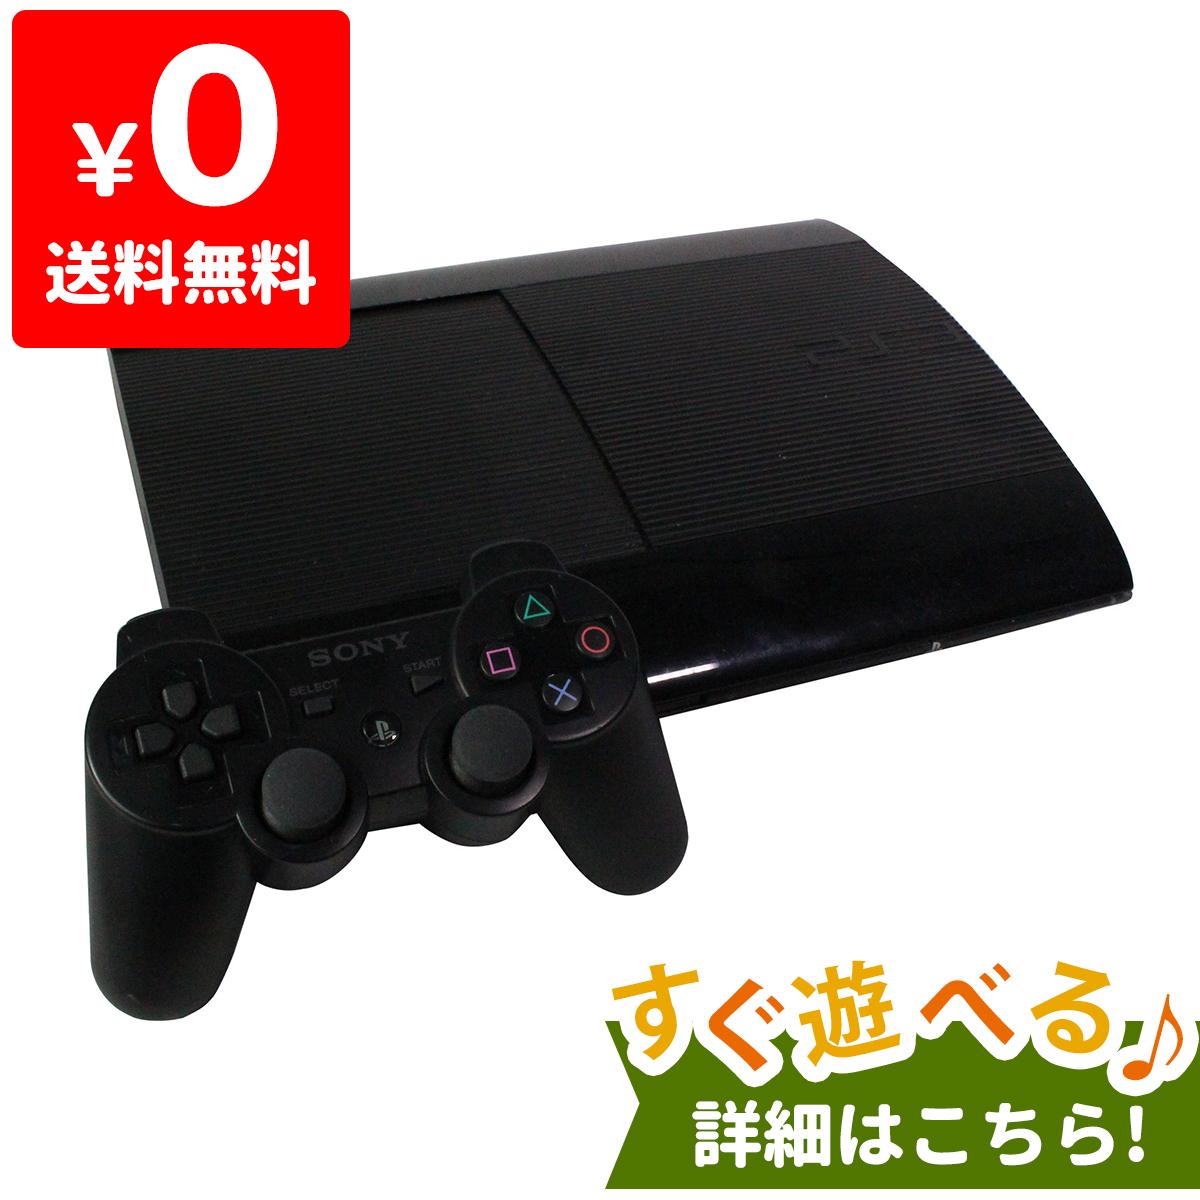 PS3 プレステ3 PlayStation3 チャコール・ブラック 500GB (CECH4300C) SONY ゲーム機 中古 すぐ遊べるセット 4948872413831 送料無料 【中古】